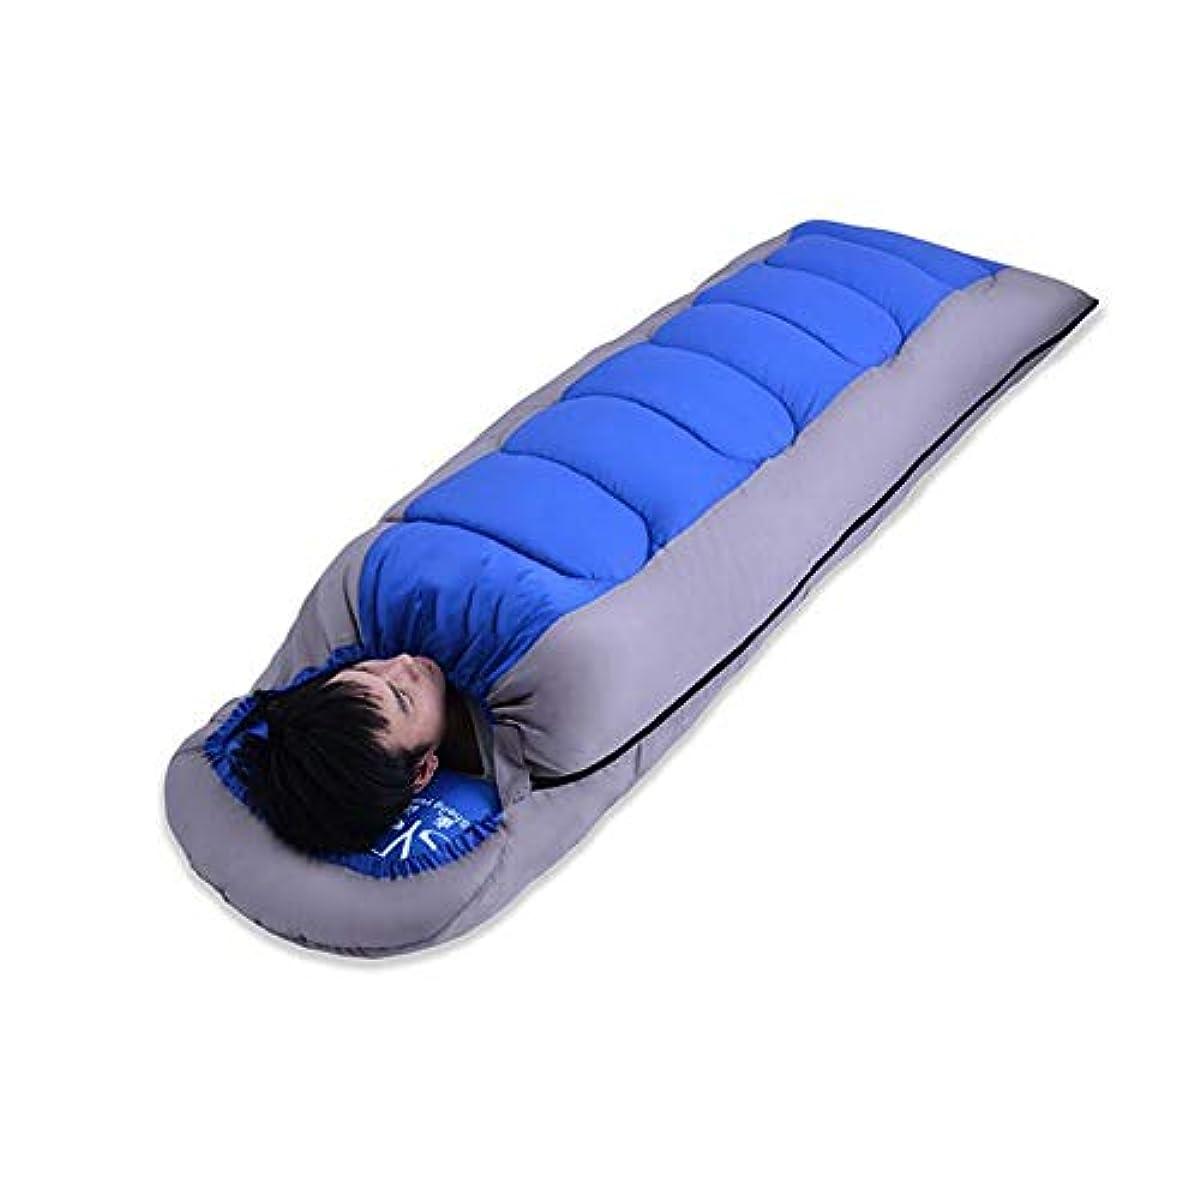 無し説教相談Shamo Camel 寝袋 シュラフ スリーピングバッグ 封筒型 コンパクト 軽量 丸洗い 最低使用温度-5度 収納袋 3カラー -028